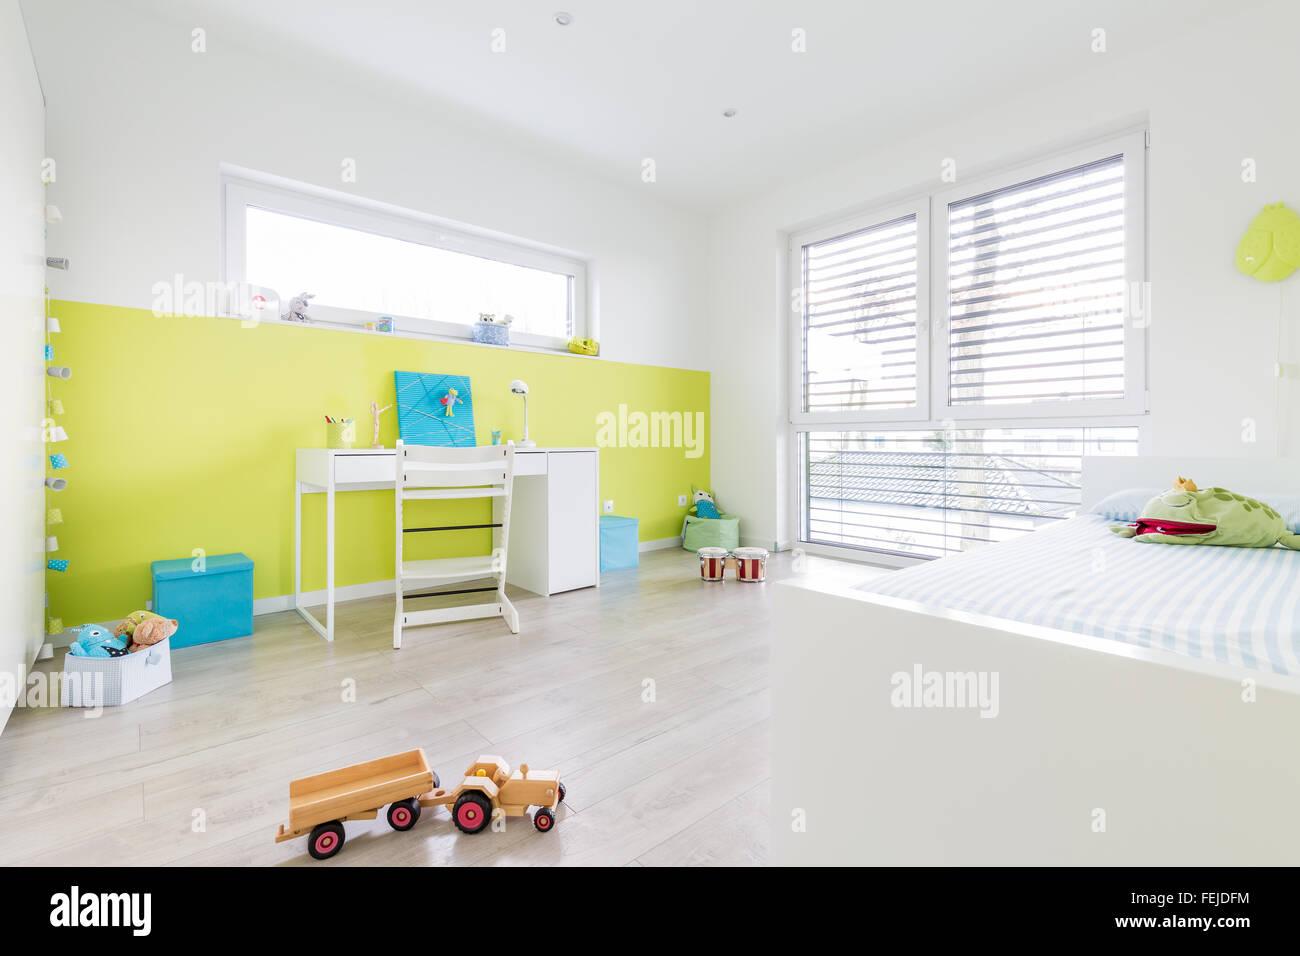 Colorida sala de juegos para nios con escritorio y una muralla